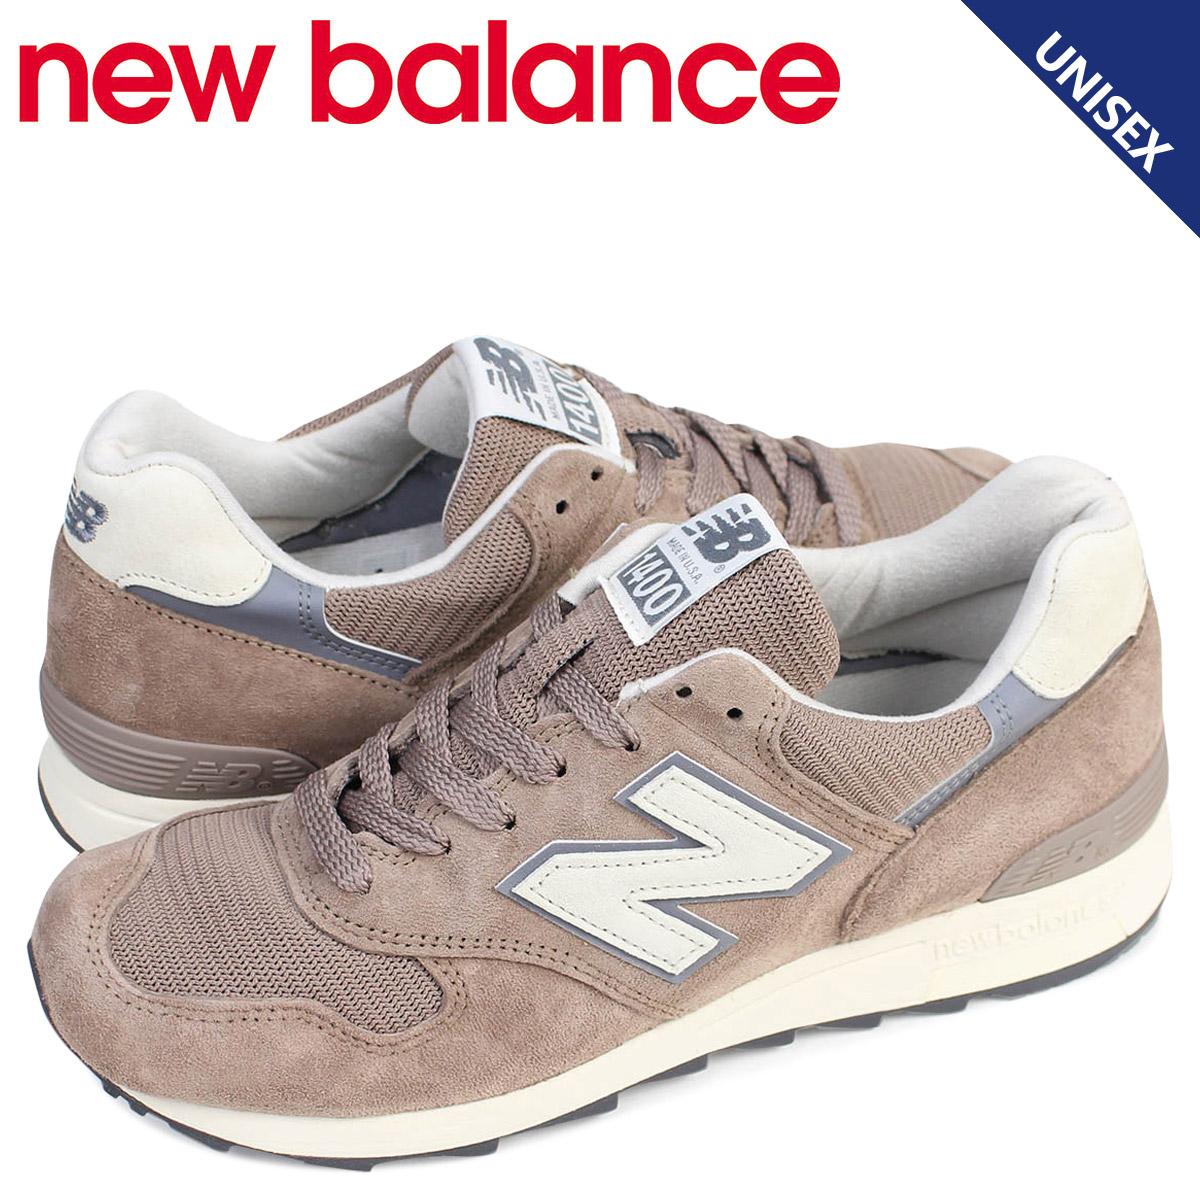 スニーカー グレー 1400 New balance Womens 1400 Shale Light Almond ニューバランス レディース (取寄)